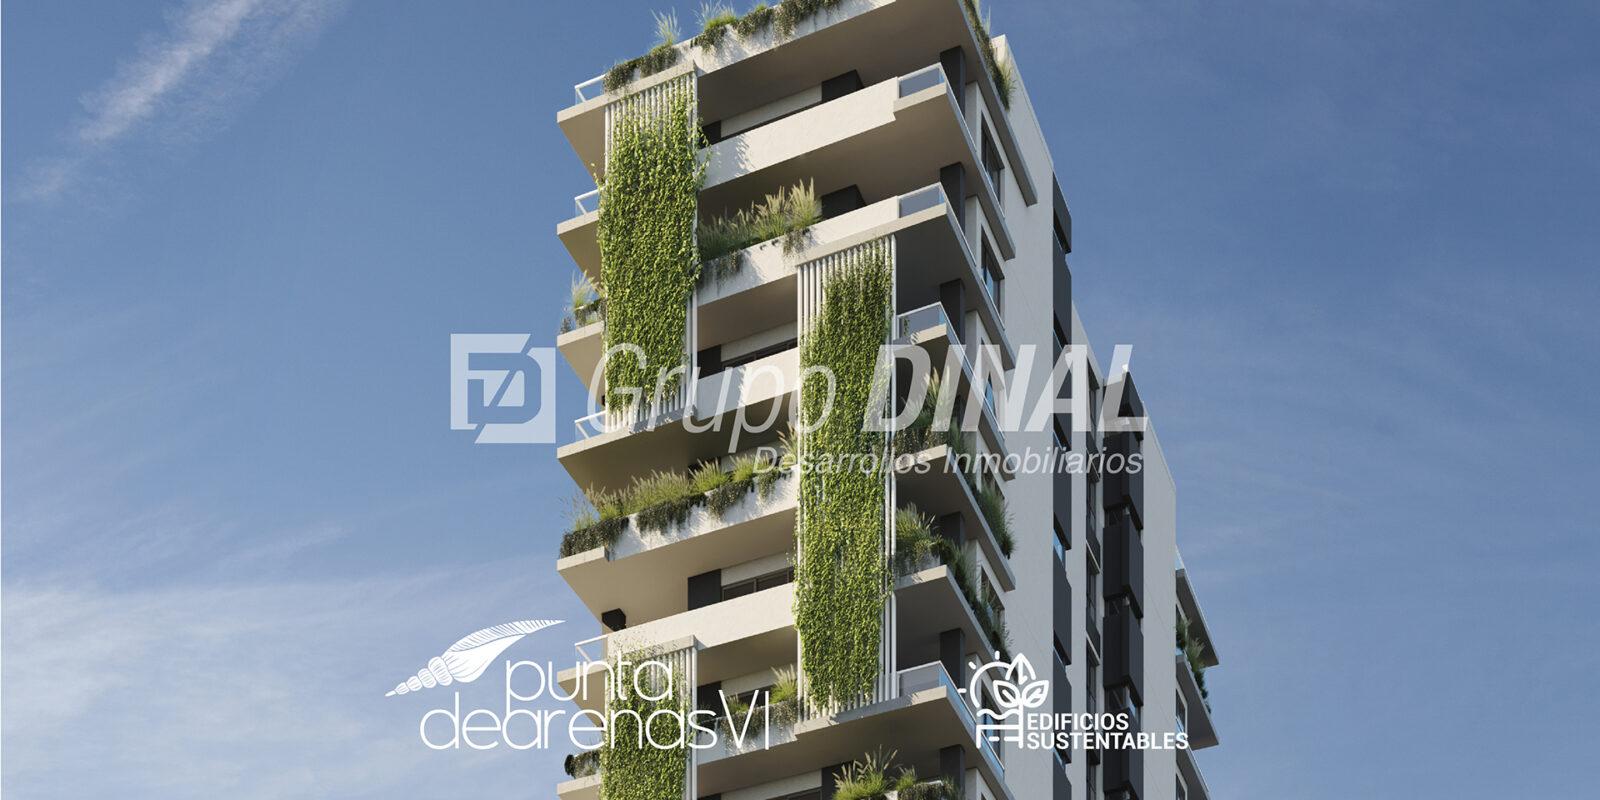 Edificio Punta de Arenas VI | Independencia 2767